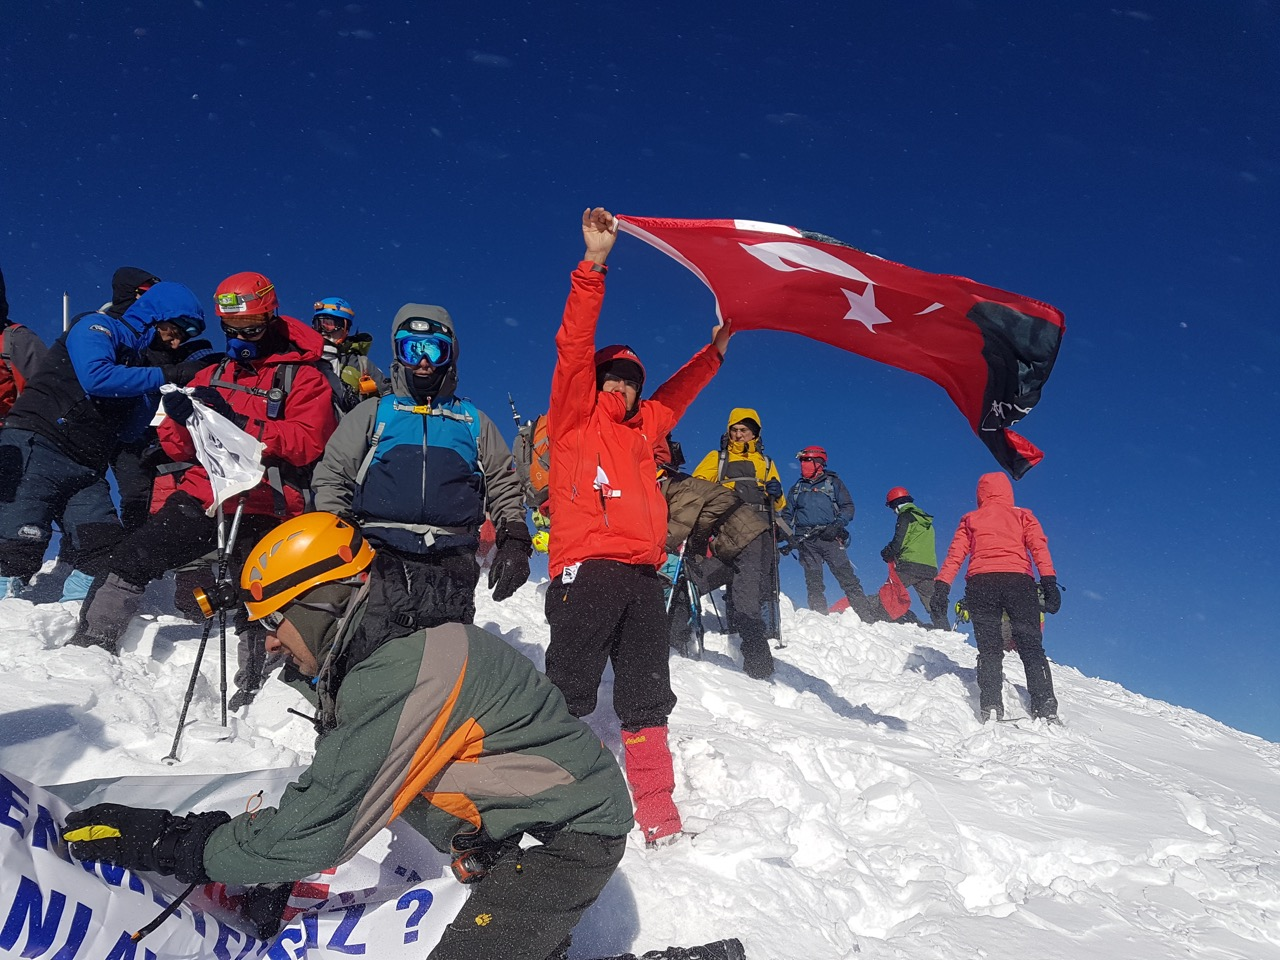 29 Ekim Erciyes Dağı Cumhuriyet Tırmanış Katılımcı Listesi